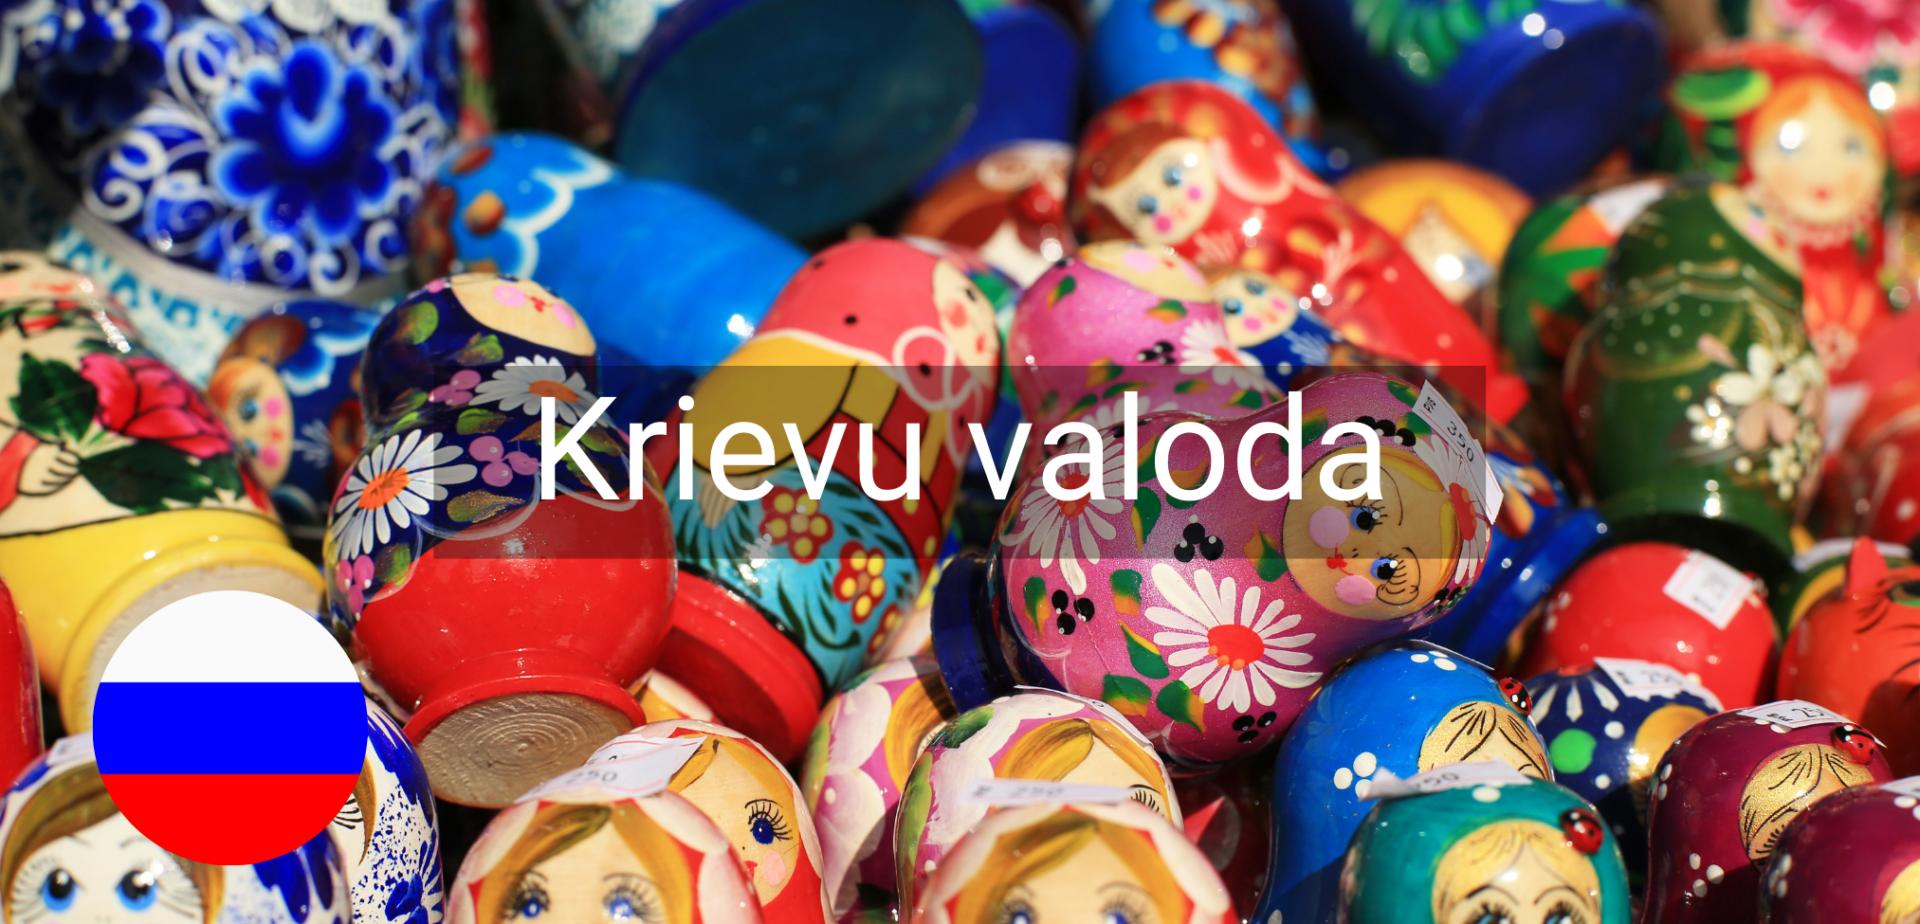 Krievu valoda Valodu mape attalinati online kursi valmiera vidzeme grupas